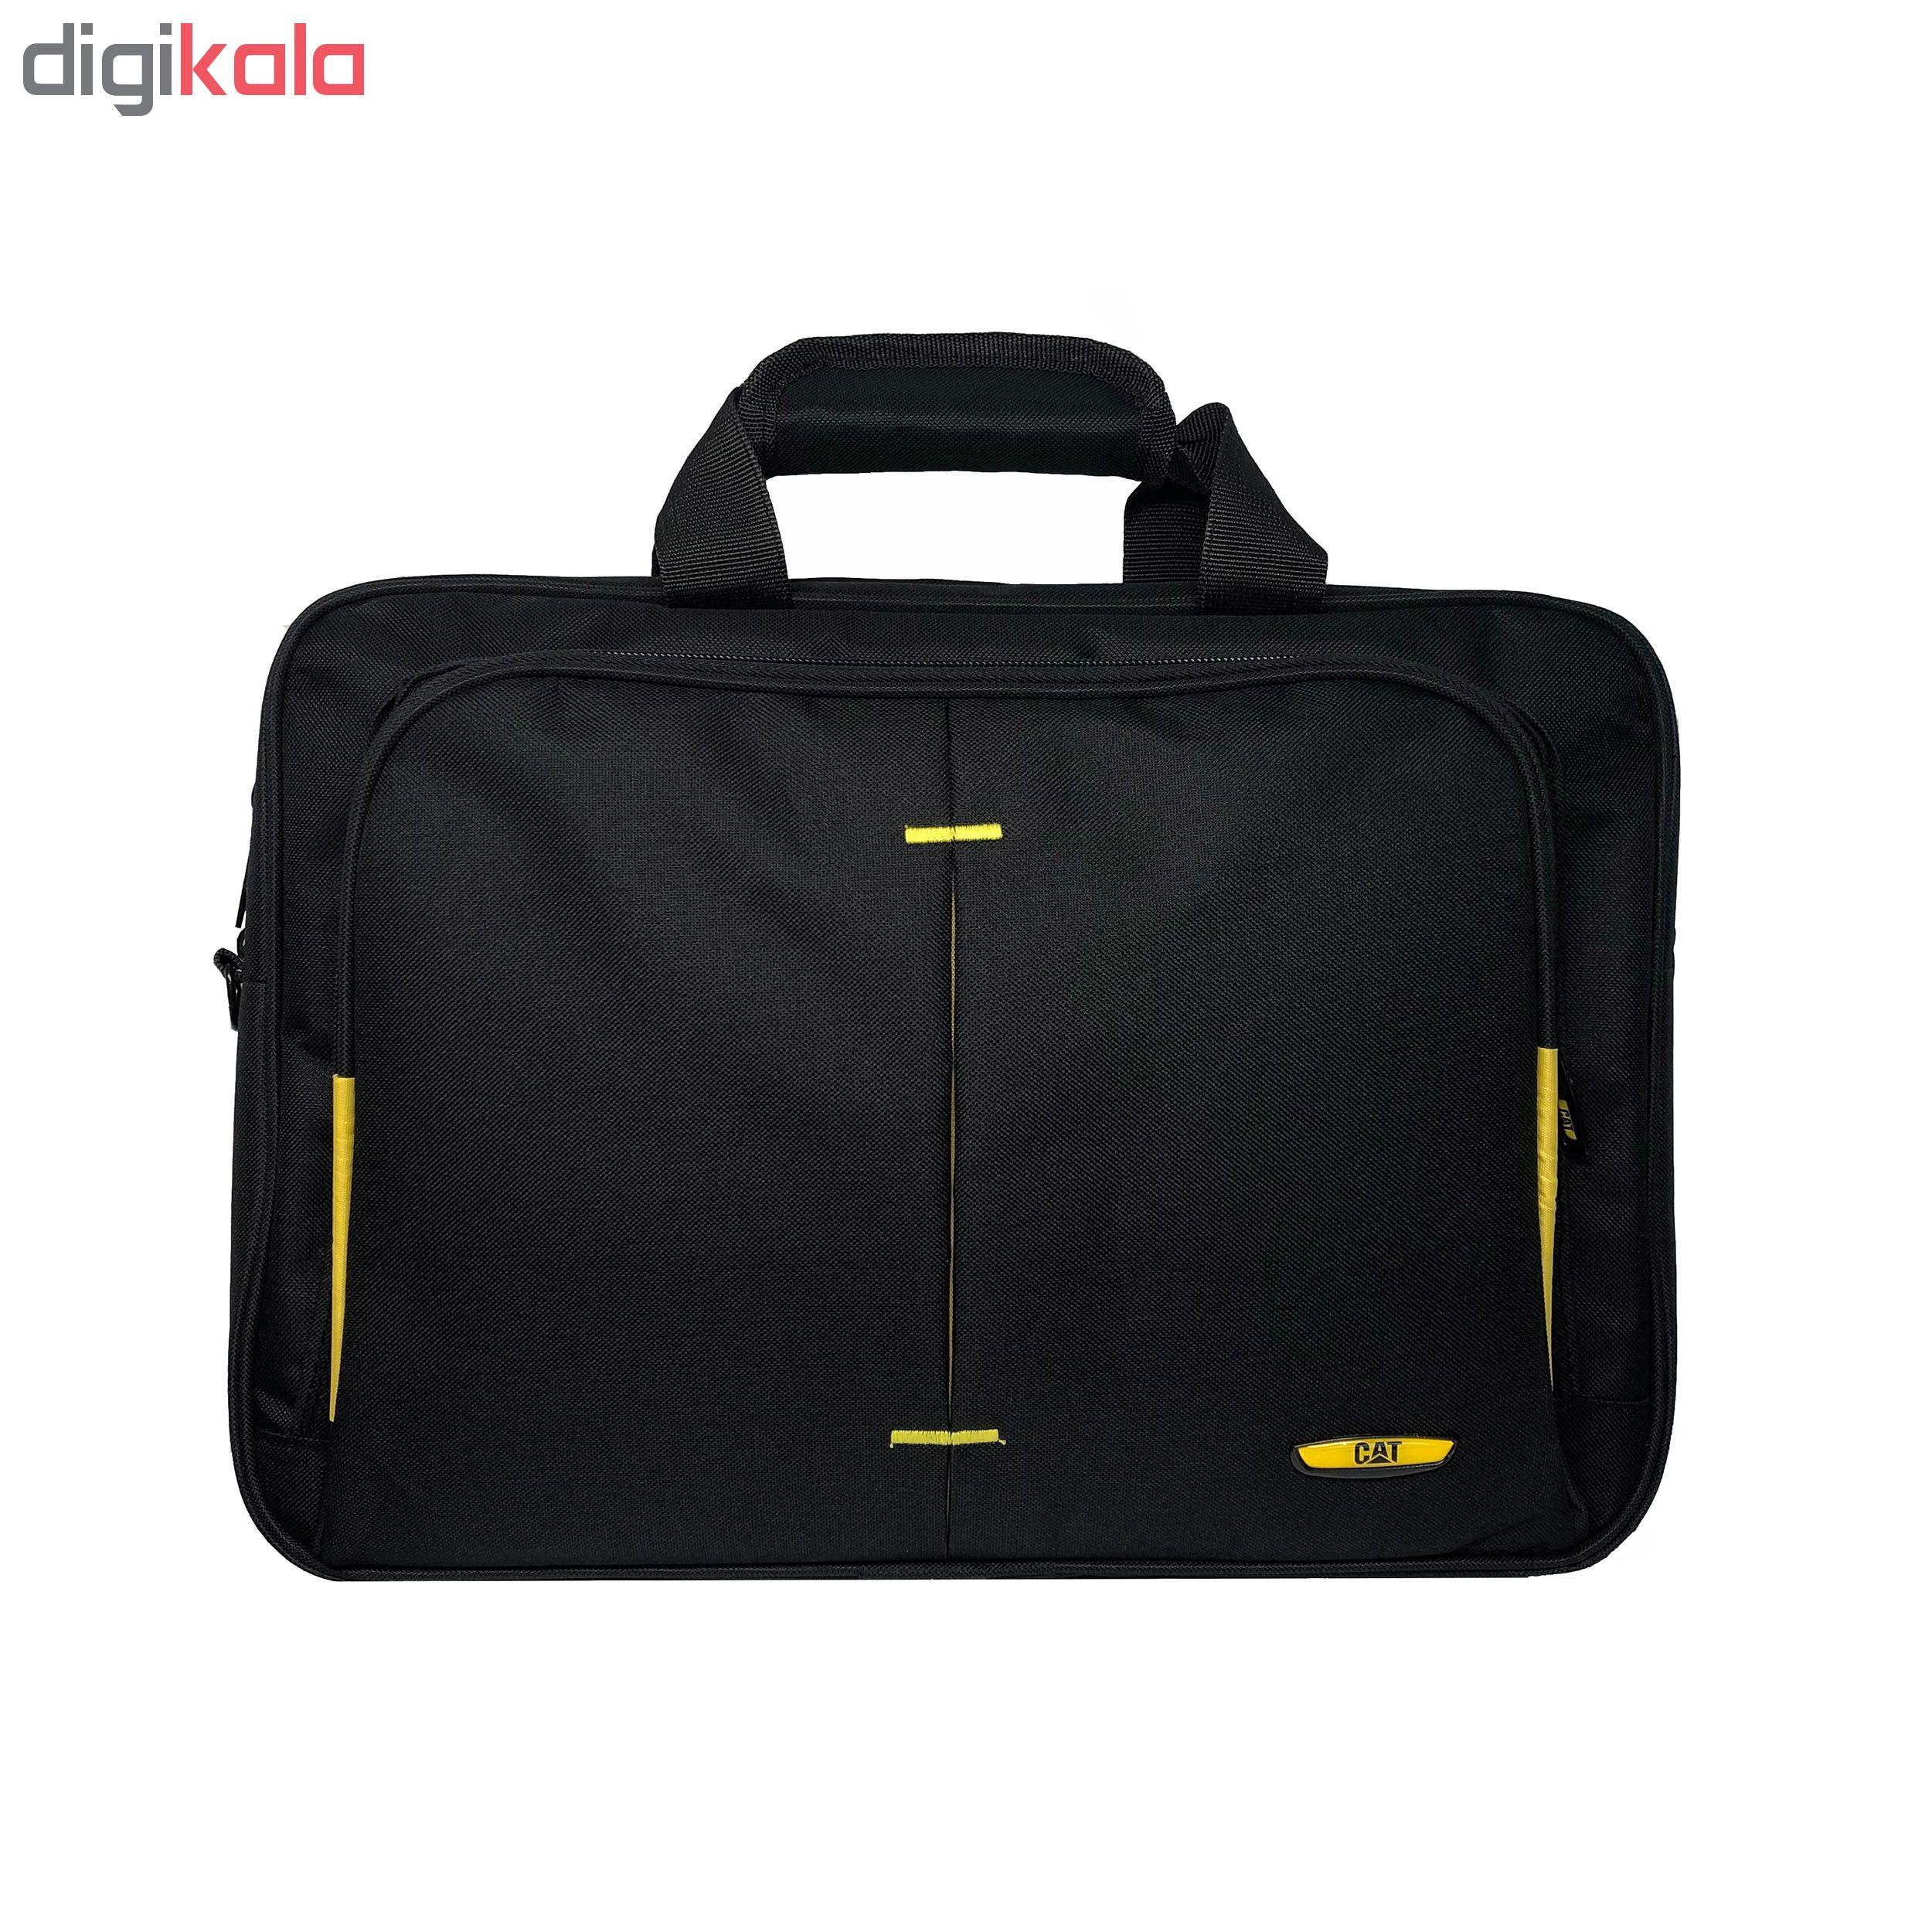 کیف لپ تاپ مدل Ca-9801 مناسب برای لپ تاپ 15.6 اینچی